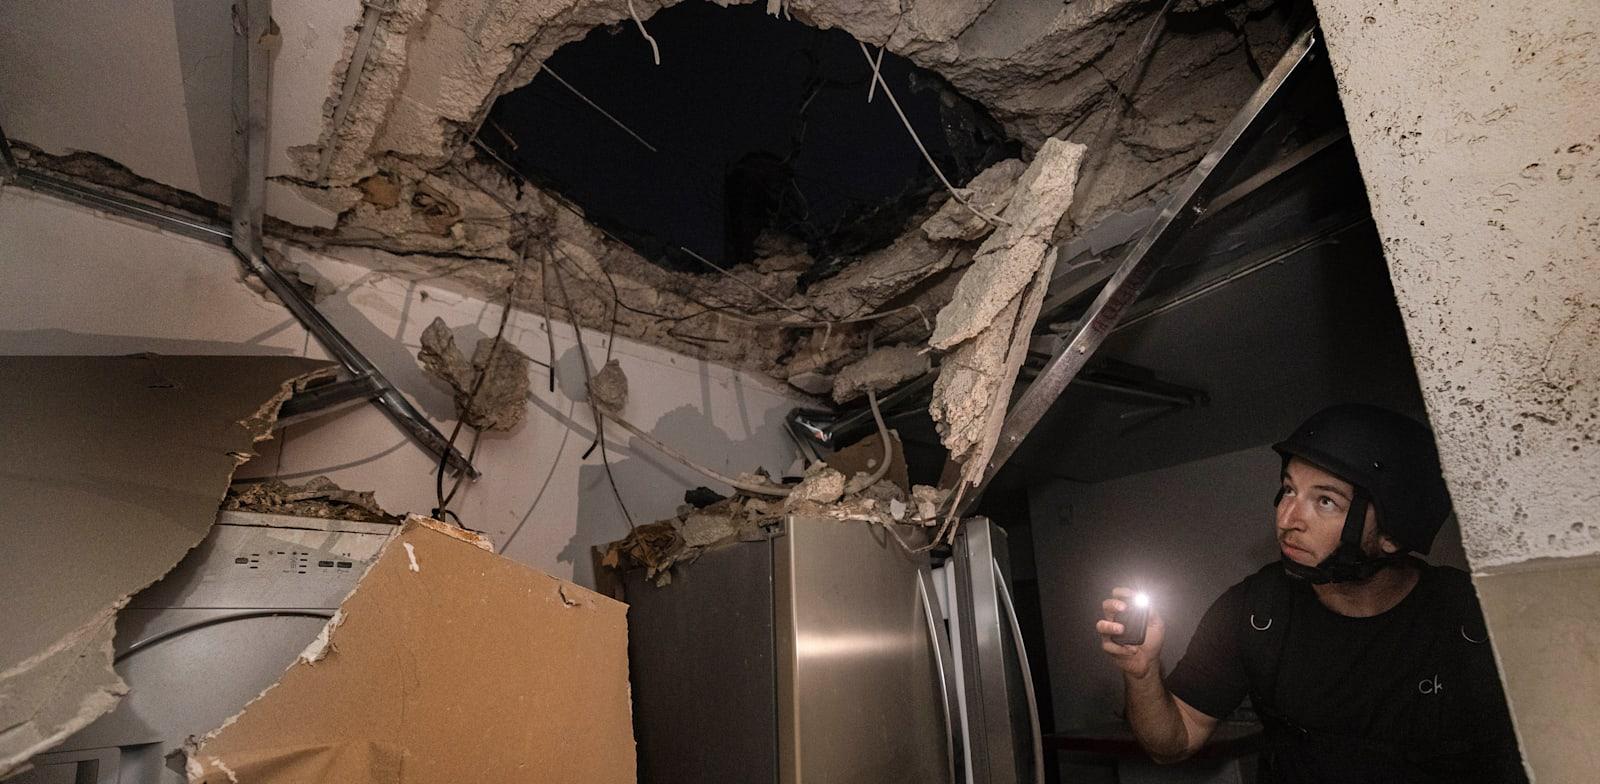 בית שספג פגיעה ישירה באשקלון / צילום: Associated Press, Tsafrir Abayov